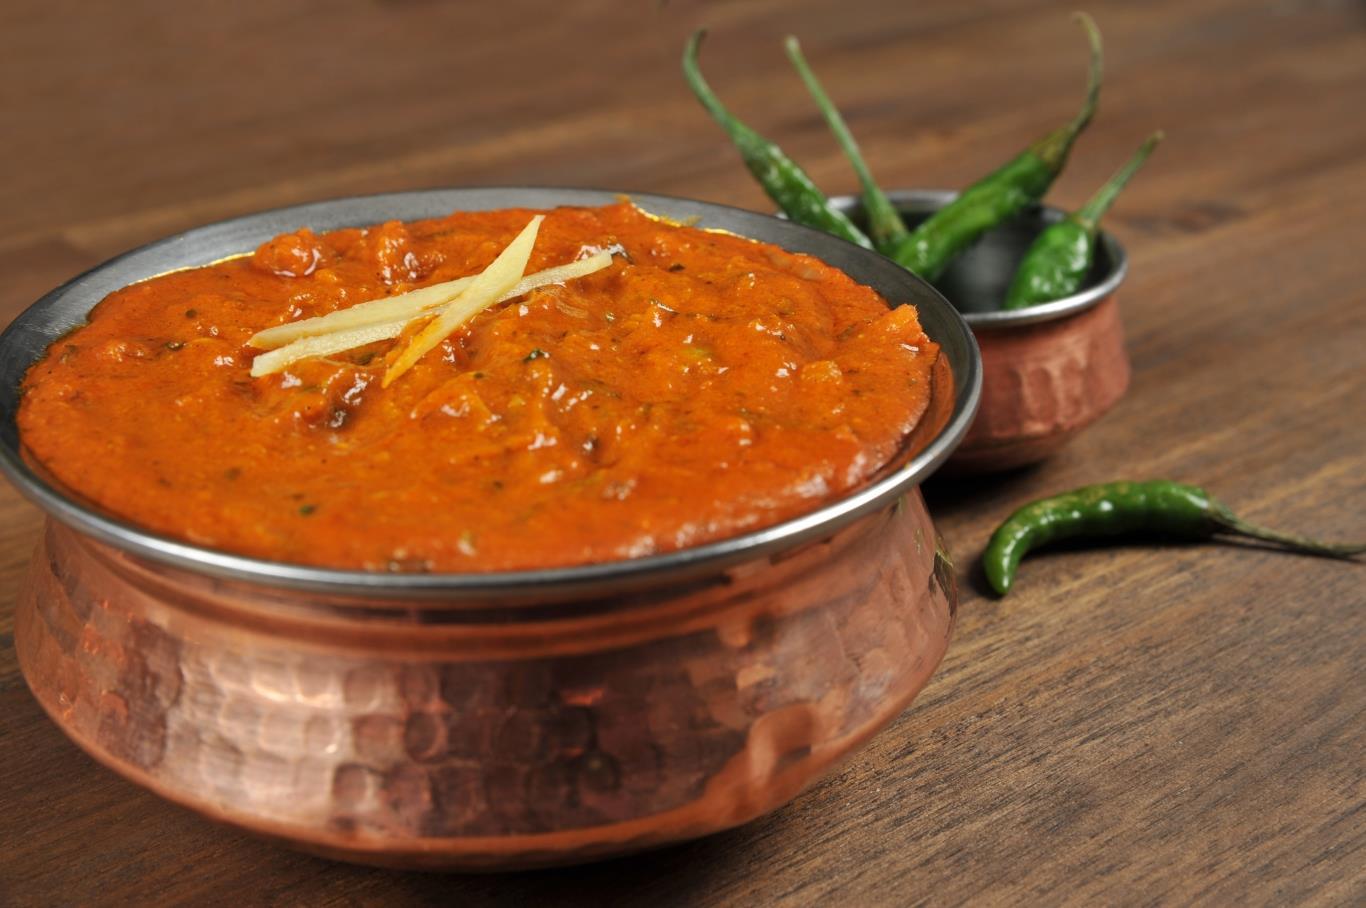 Món ăn truyền thống này được những người Bồ Đào Nha mang tới Ấn Độ vào thế kỷ 18. Điều thú vị là món ăn này không có một nguyên mẫu với các thành phần cơ bản. Bạn có thể thử thịt lợn Vindaloo với nhiều phiên bản, đã được tăng độ cay cho hợp với khẩu vị người dân địa phương.